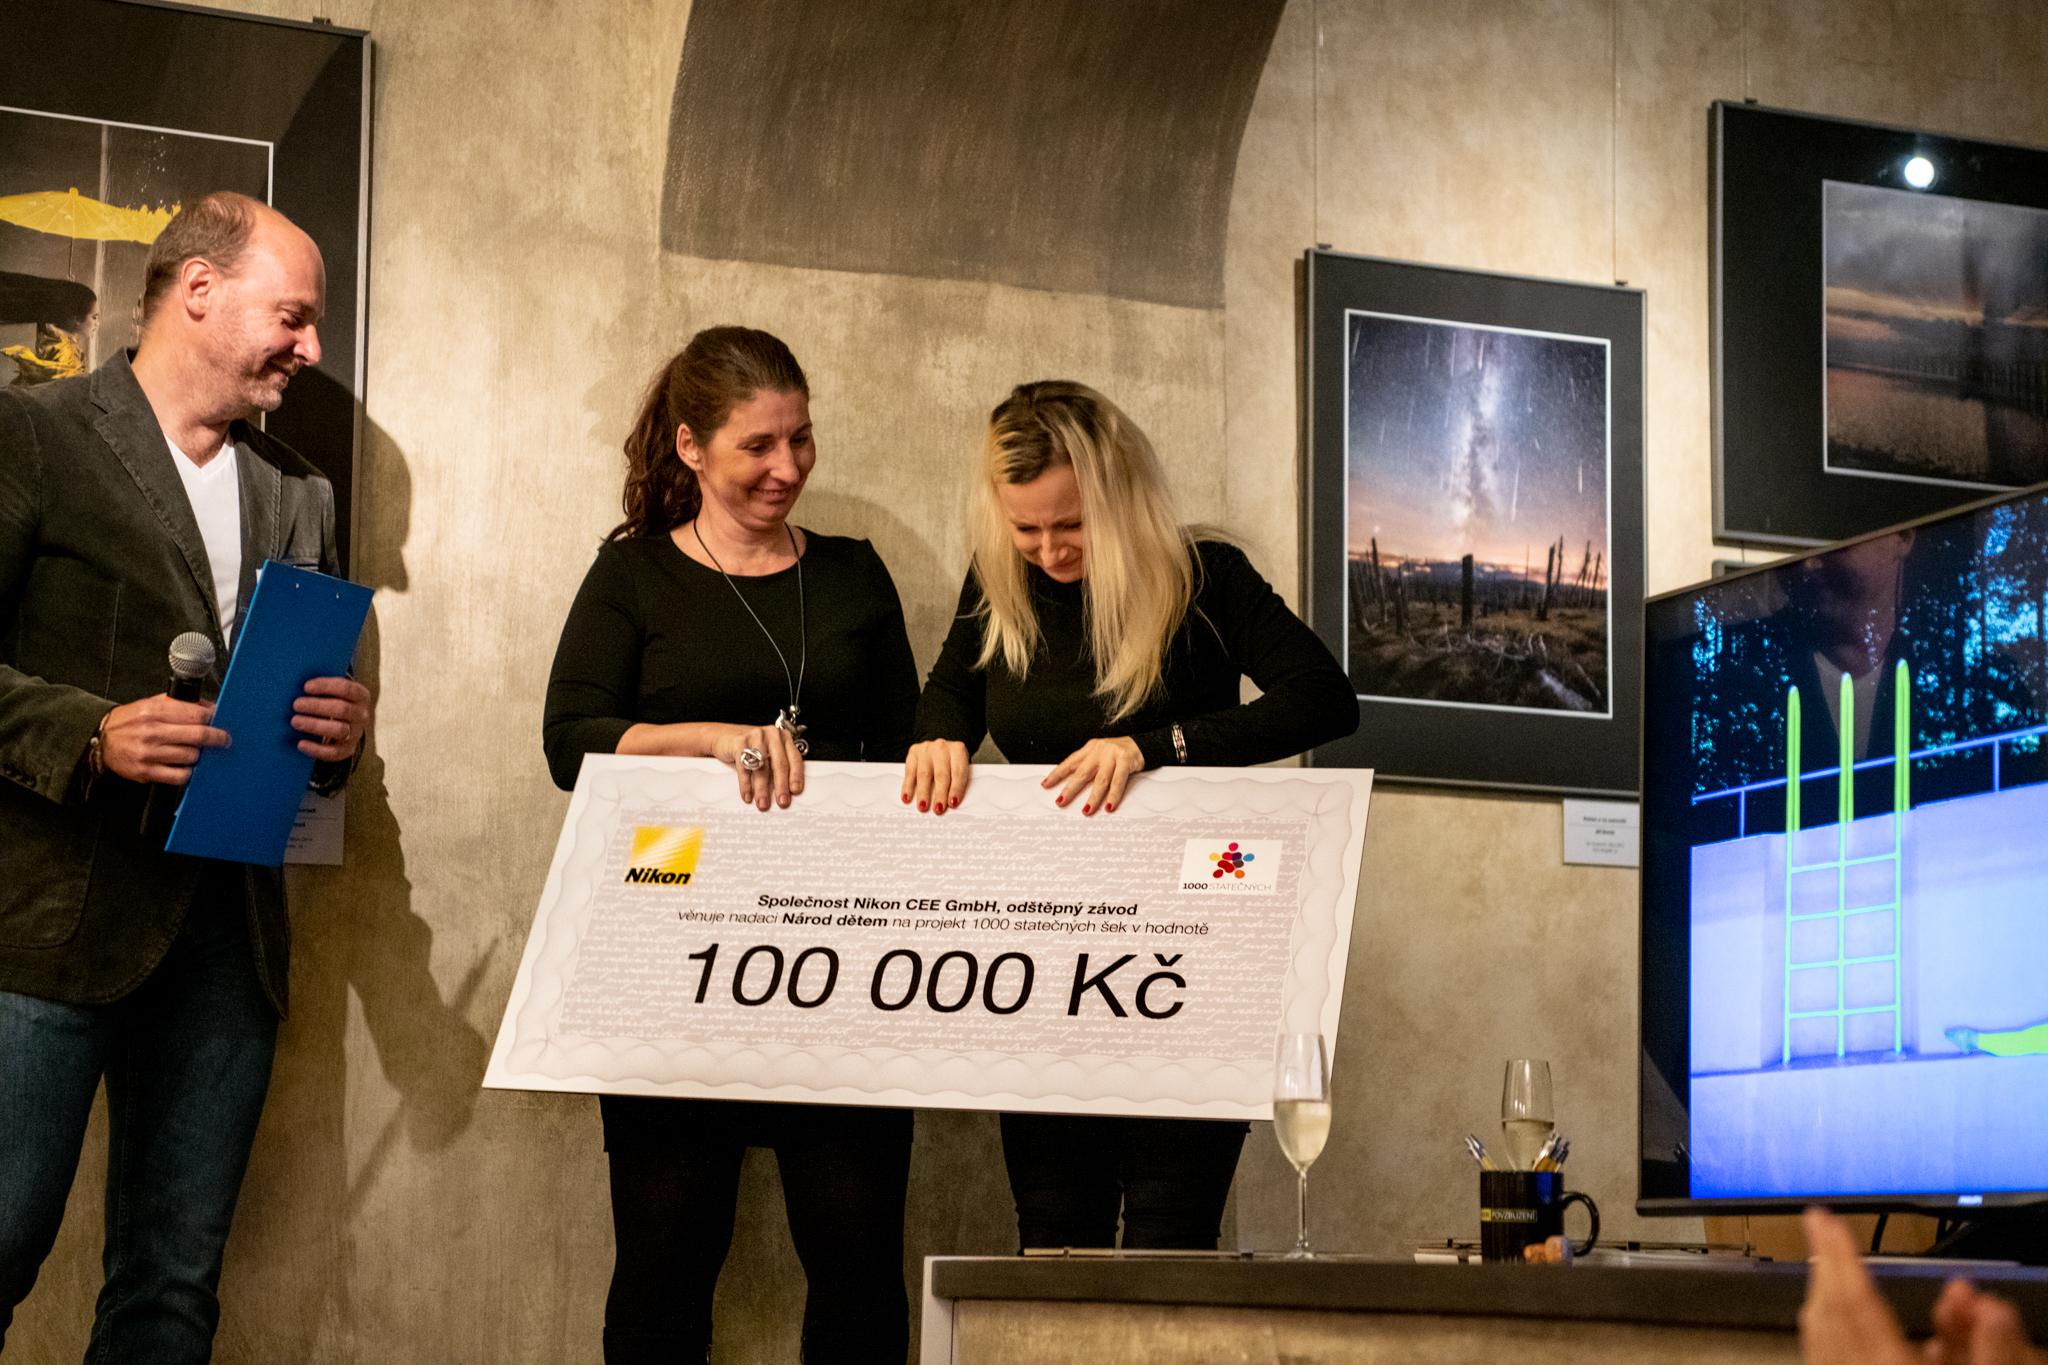 Předávání daru nadaci Národ dětem na projekt 1000 statečných na vernisáži Nikon kalendáře 2019